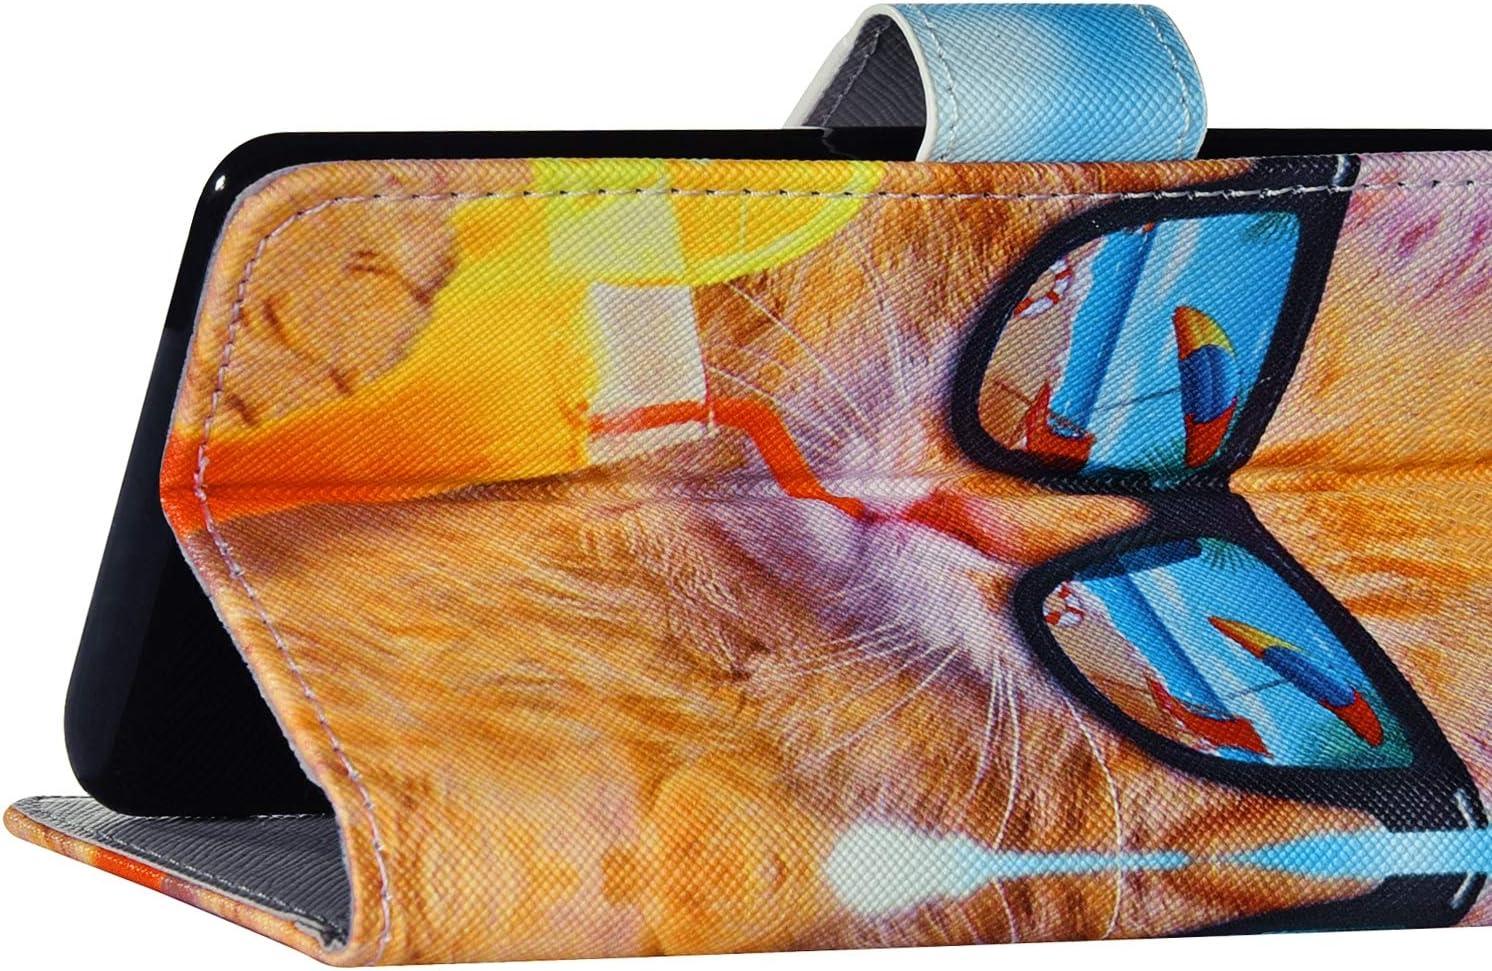 Surakey Handyh/ülle f/ür Samsung Galaxy S10 H/ülle,Galaxy S10 Schutzh/ülle Retro Muster PU Leder Tasche Flip Case Brieftasche Lederh/ülle Handytasche mit Kartenf/ächer St/änder,Blaue Wolken